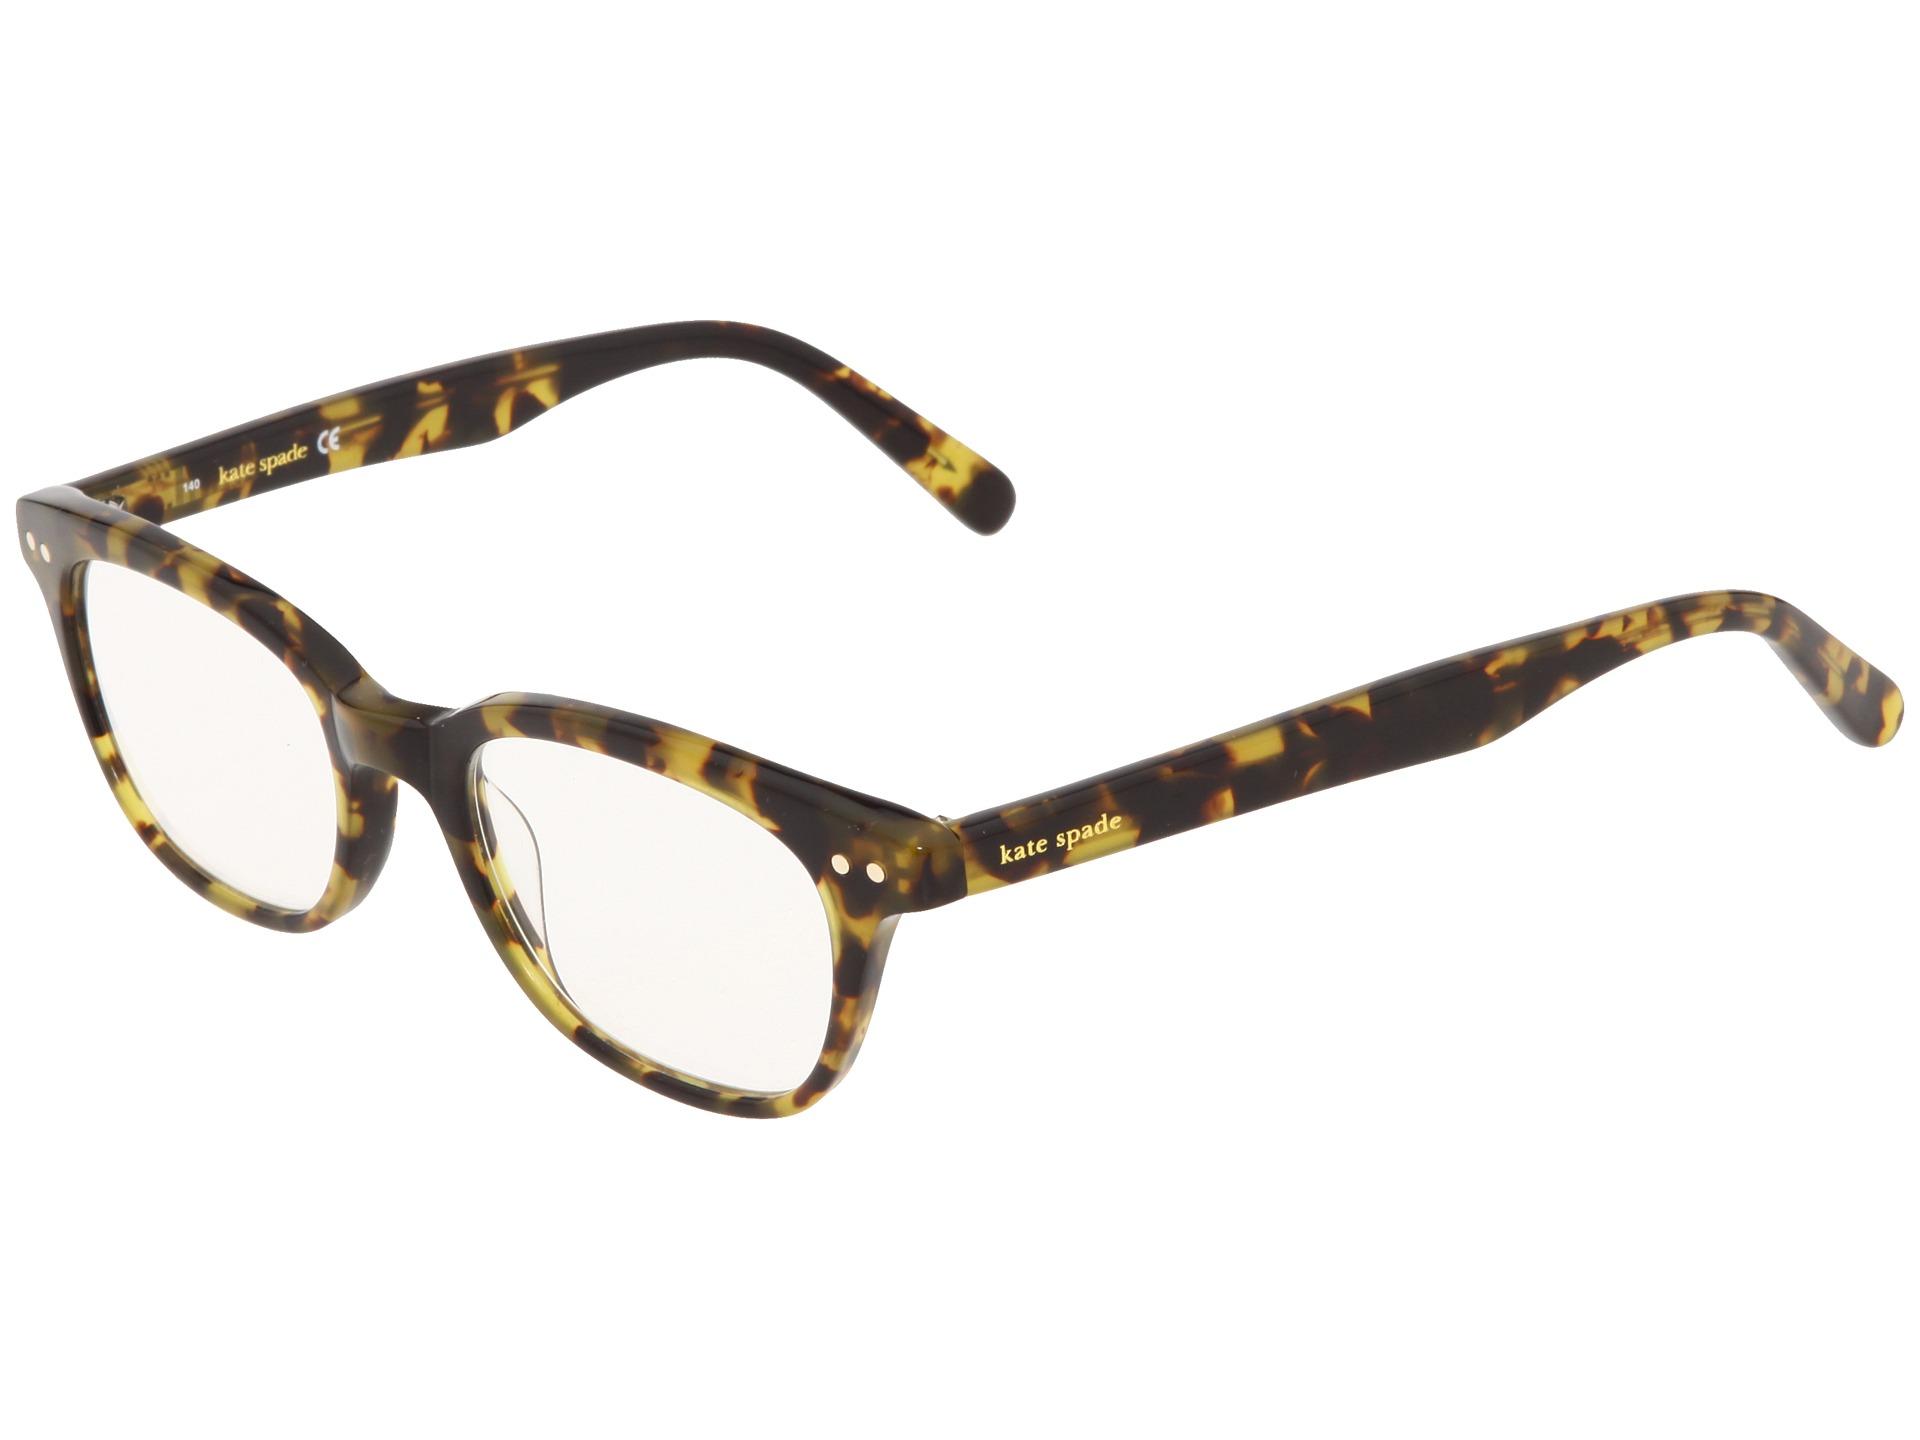 oakley prescription glasses canada mgva  oakley 81